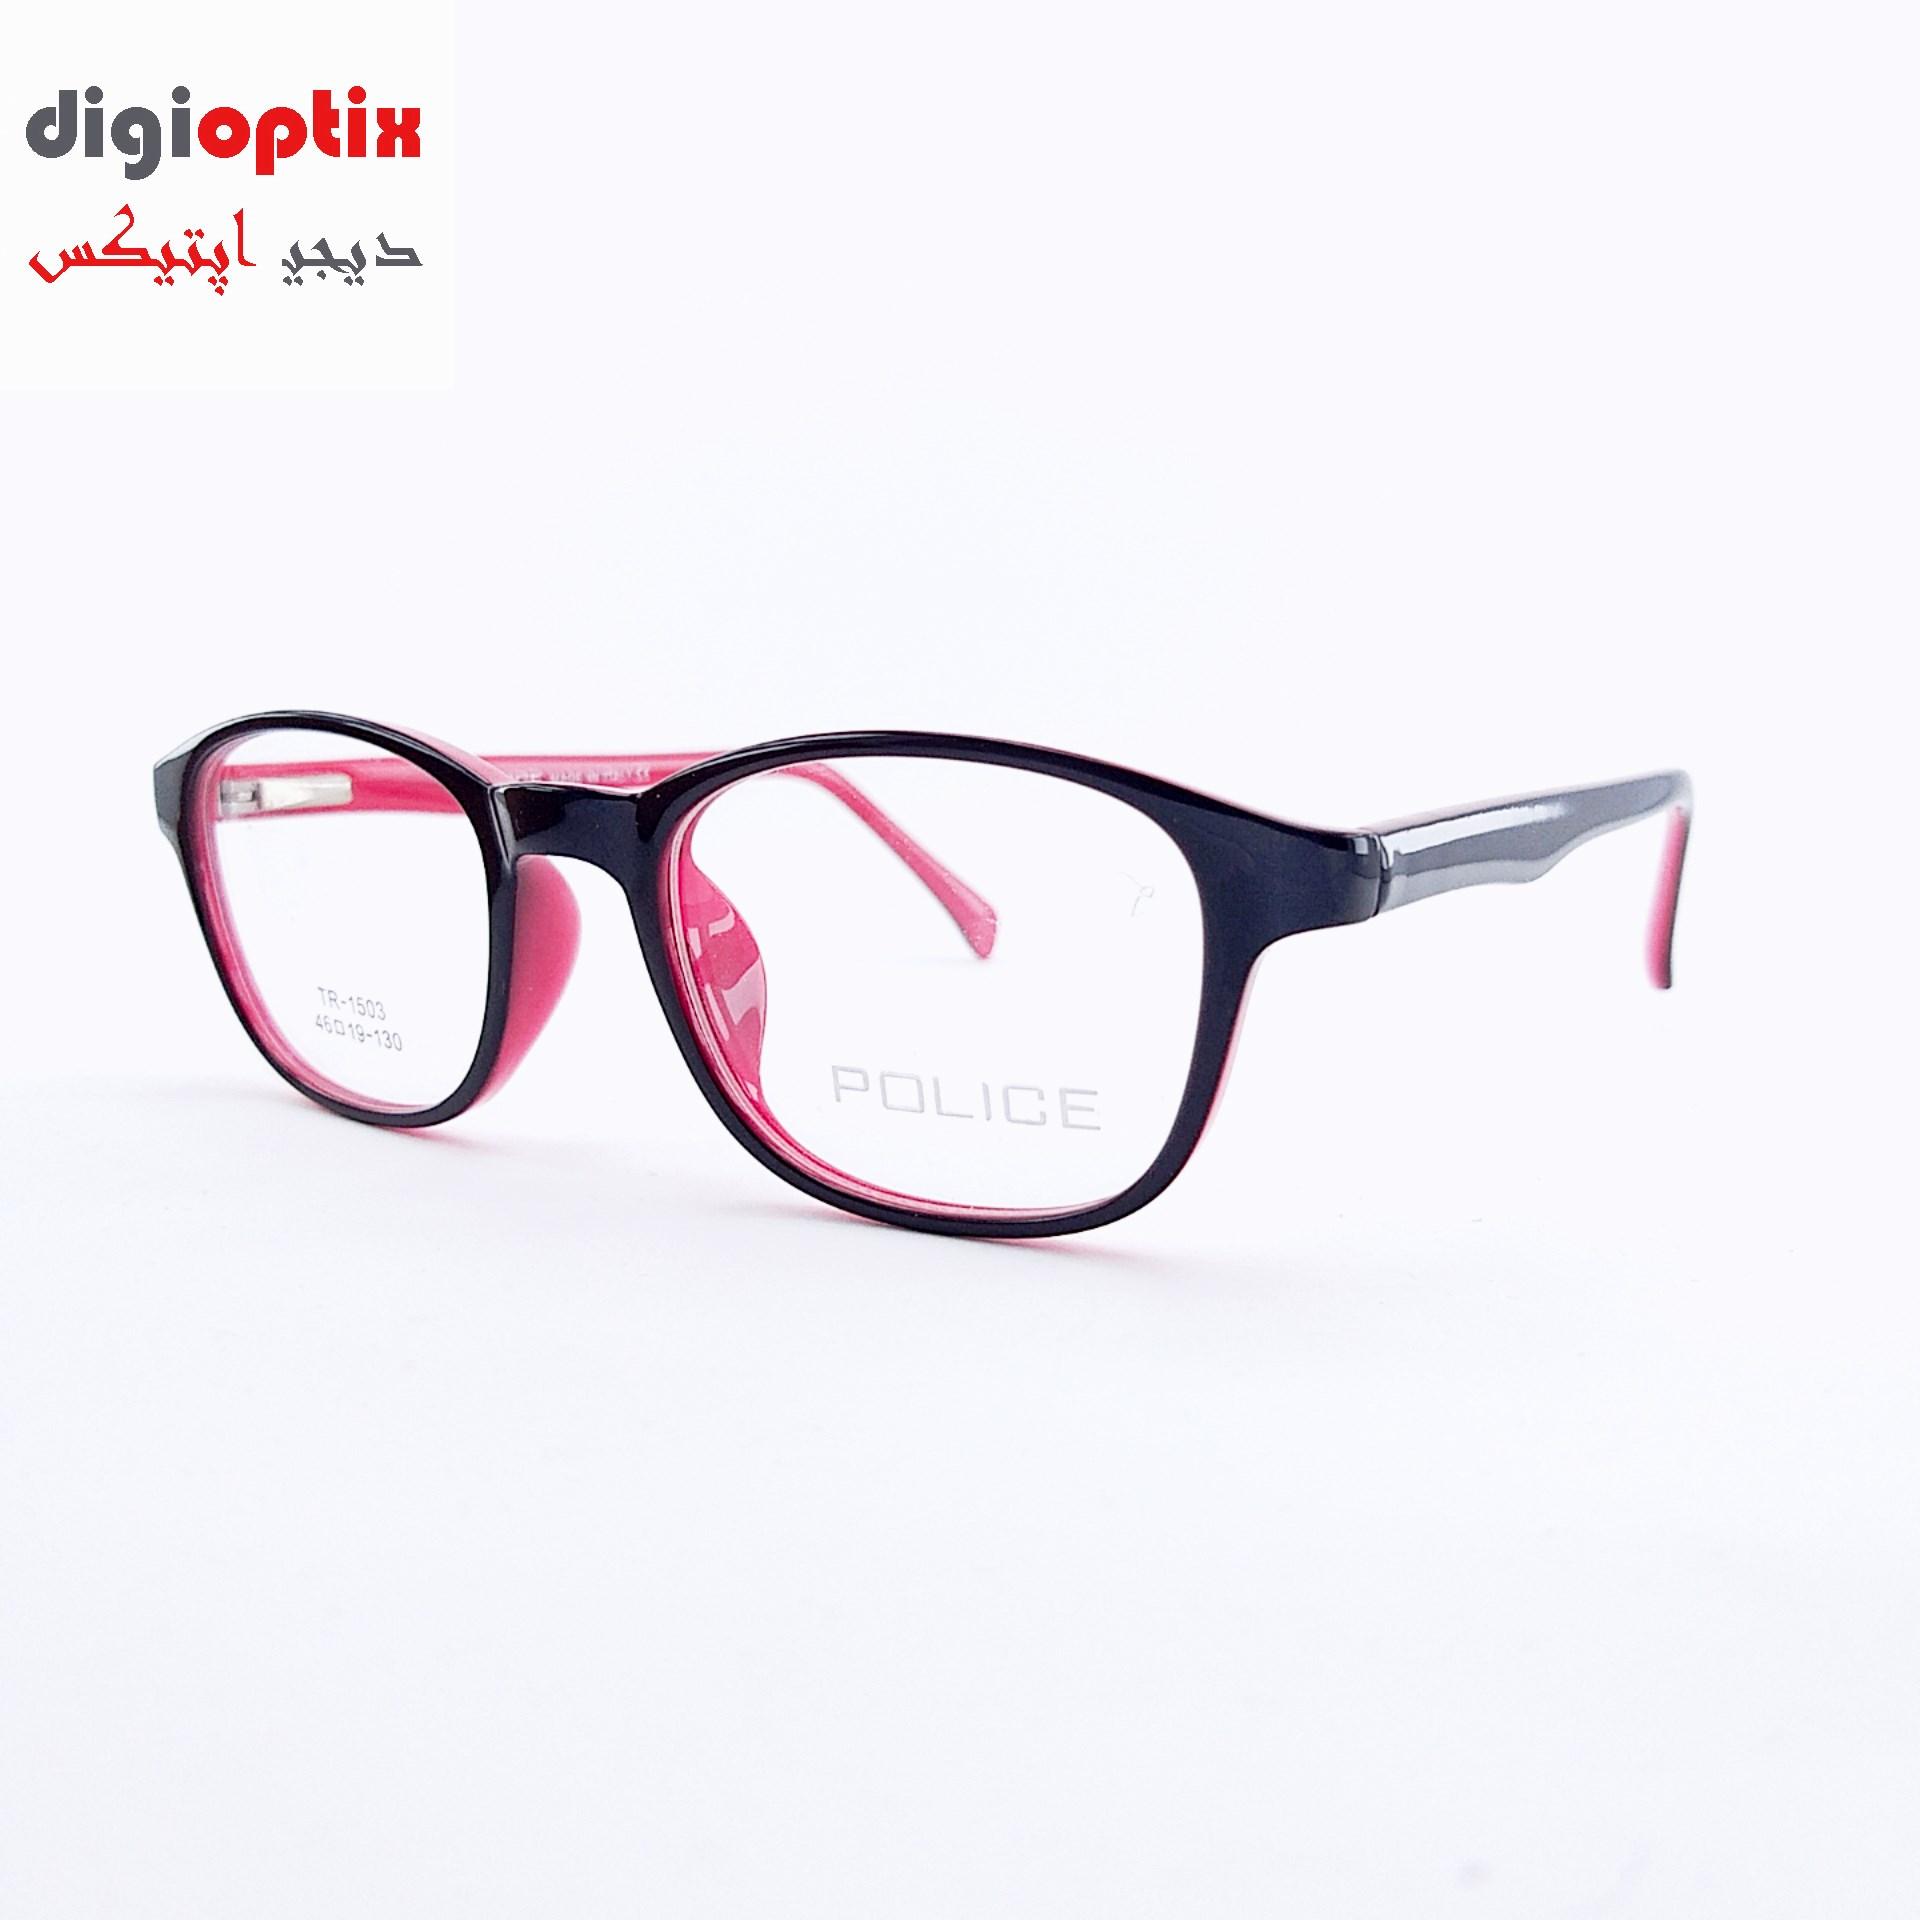 فریم عینک طبی بچگانه استات مارک POLICE رنگ مشکی - قرمز مدل TR-1503